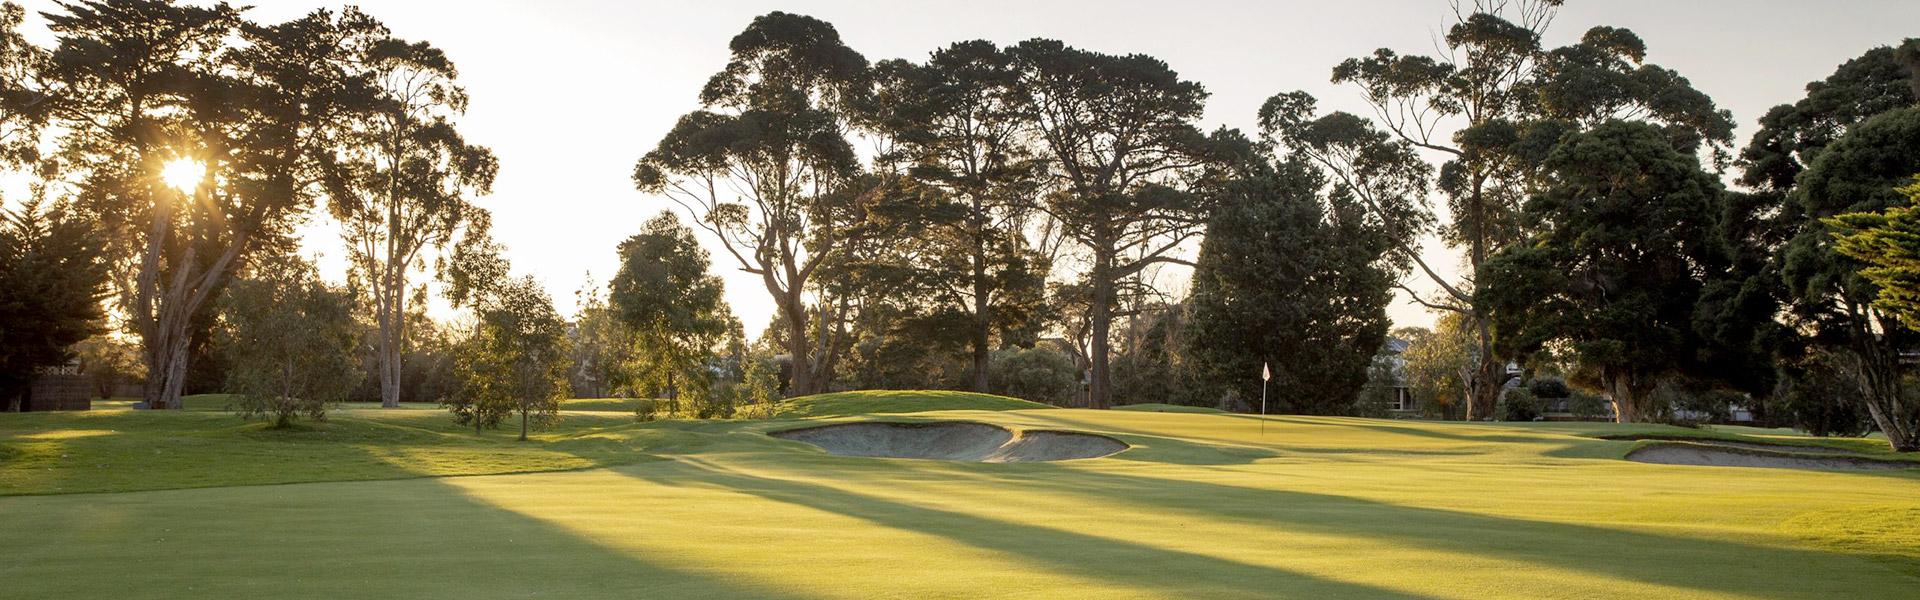 Hole 15 - Rossdale Golf Club